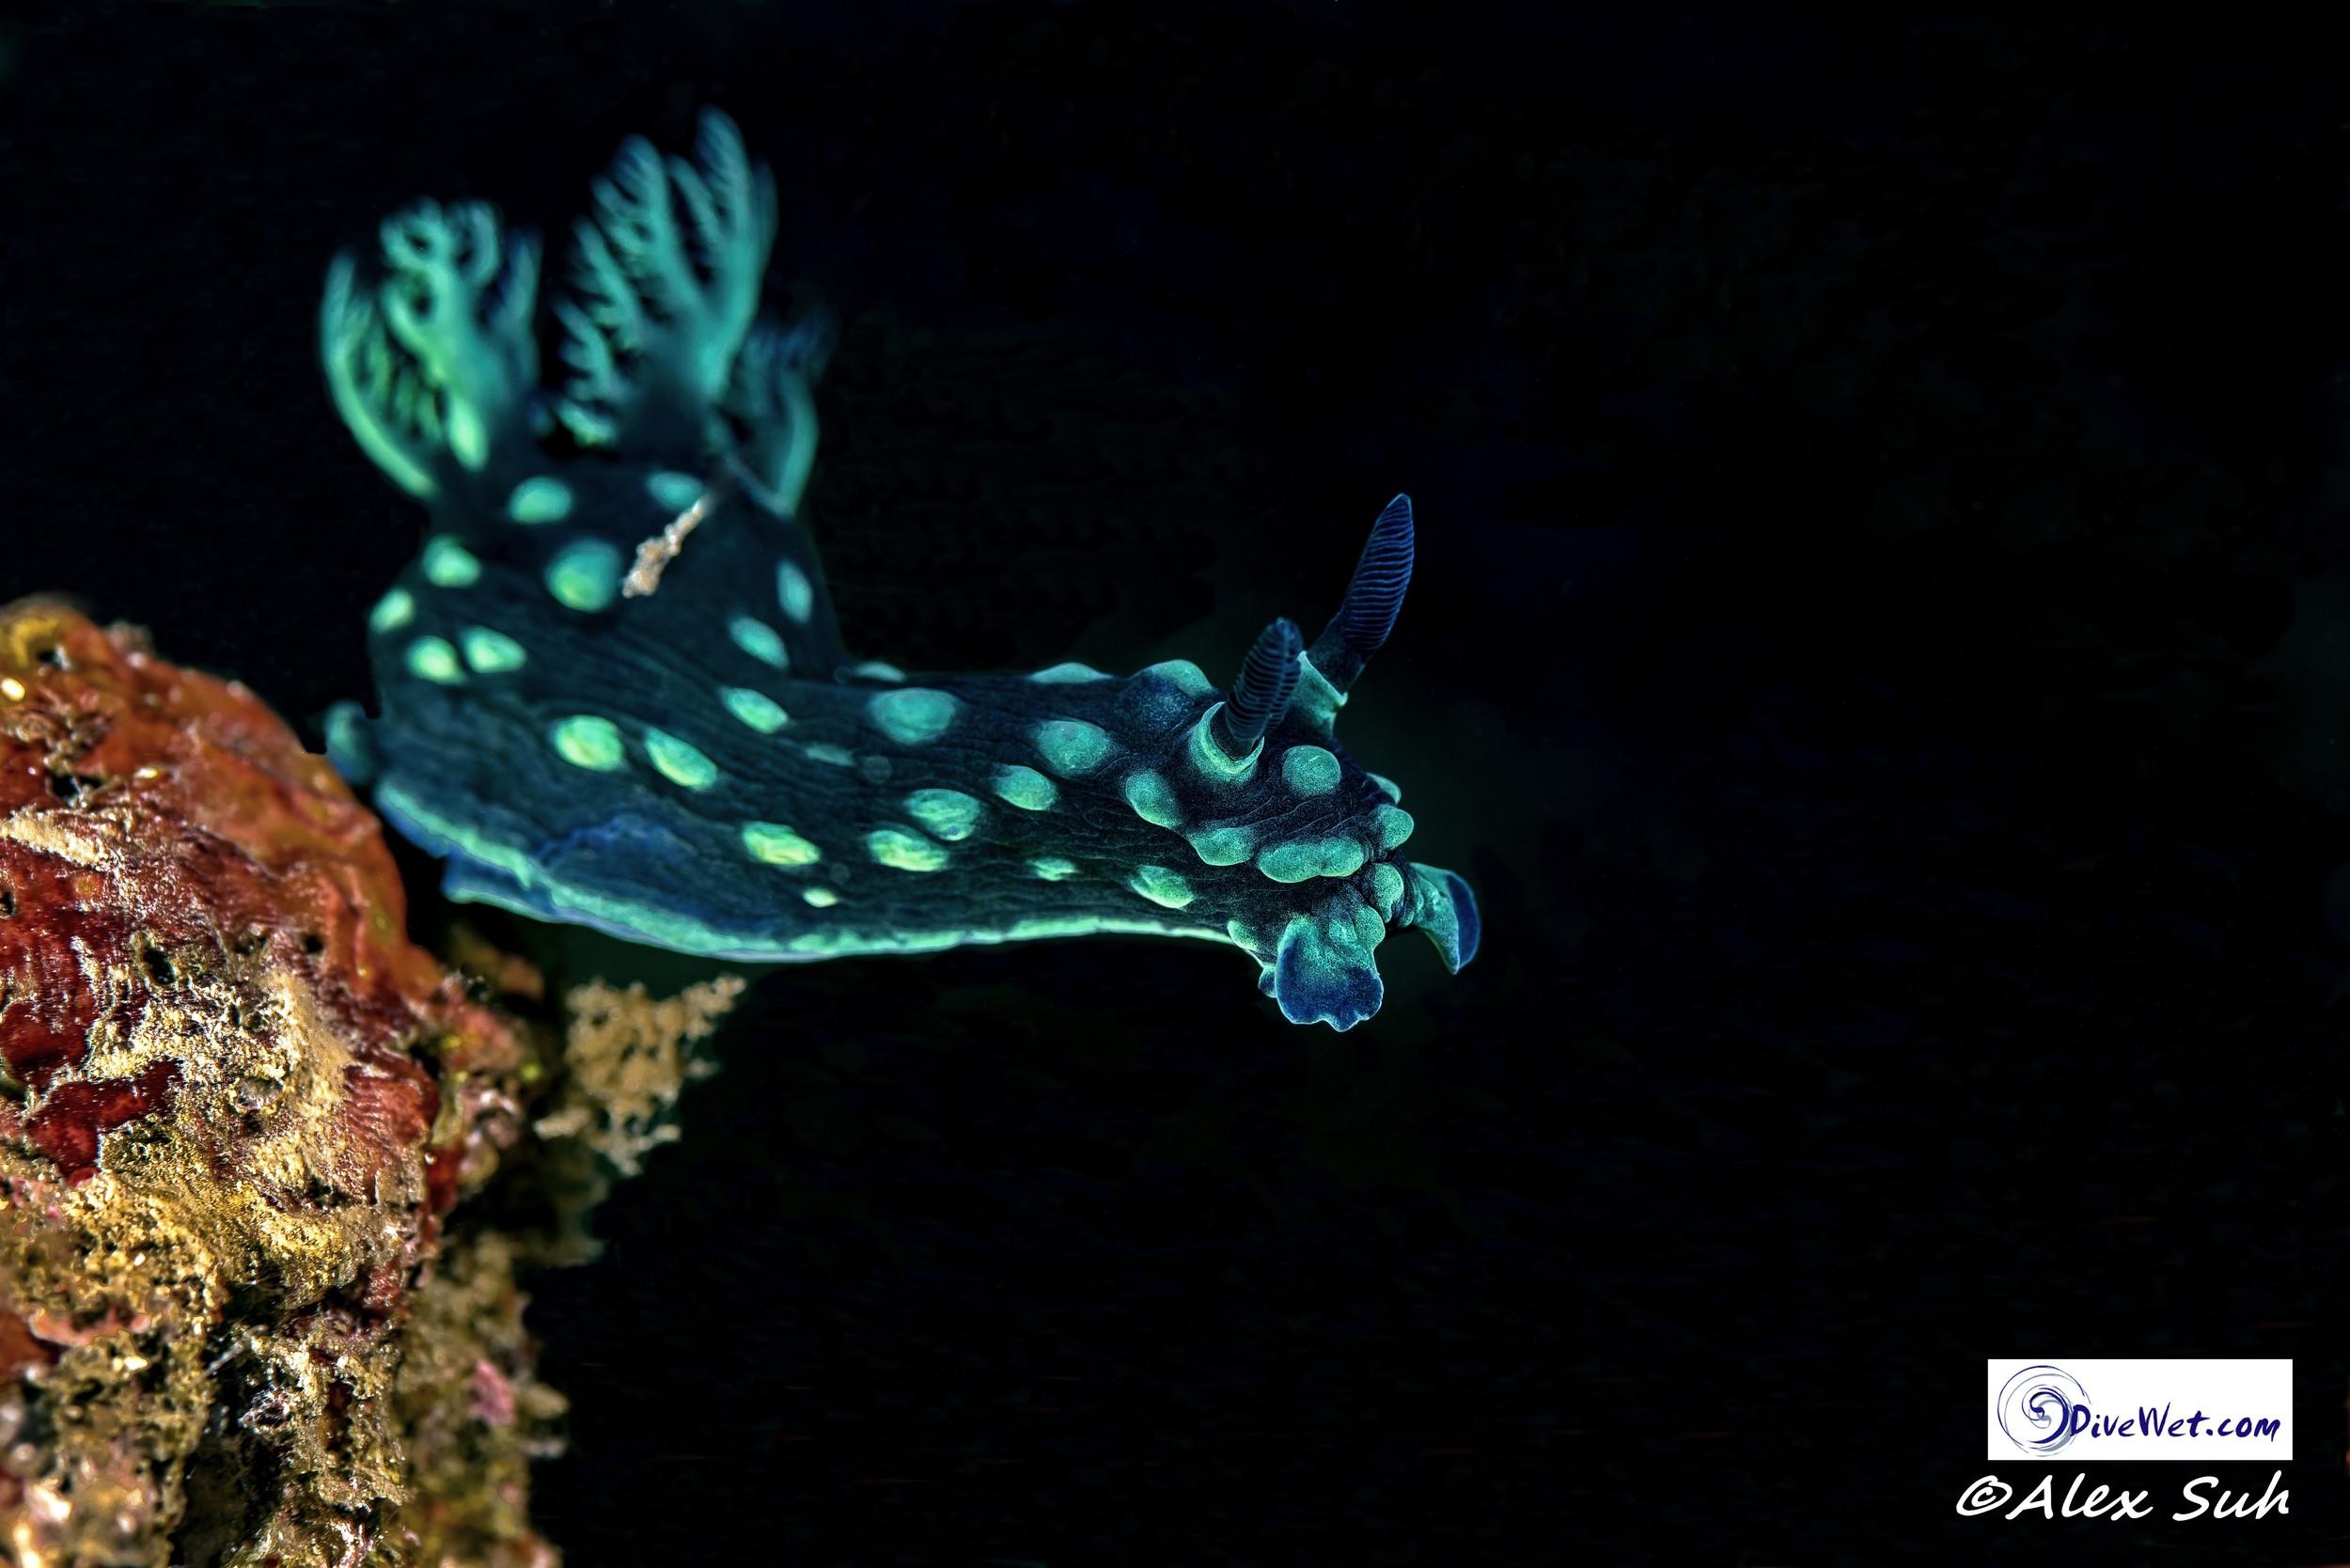 Membrotha milleri Nudibranch